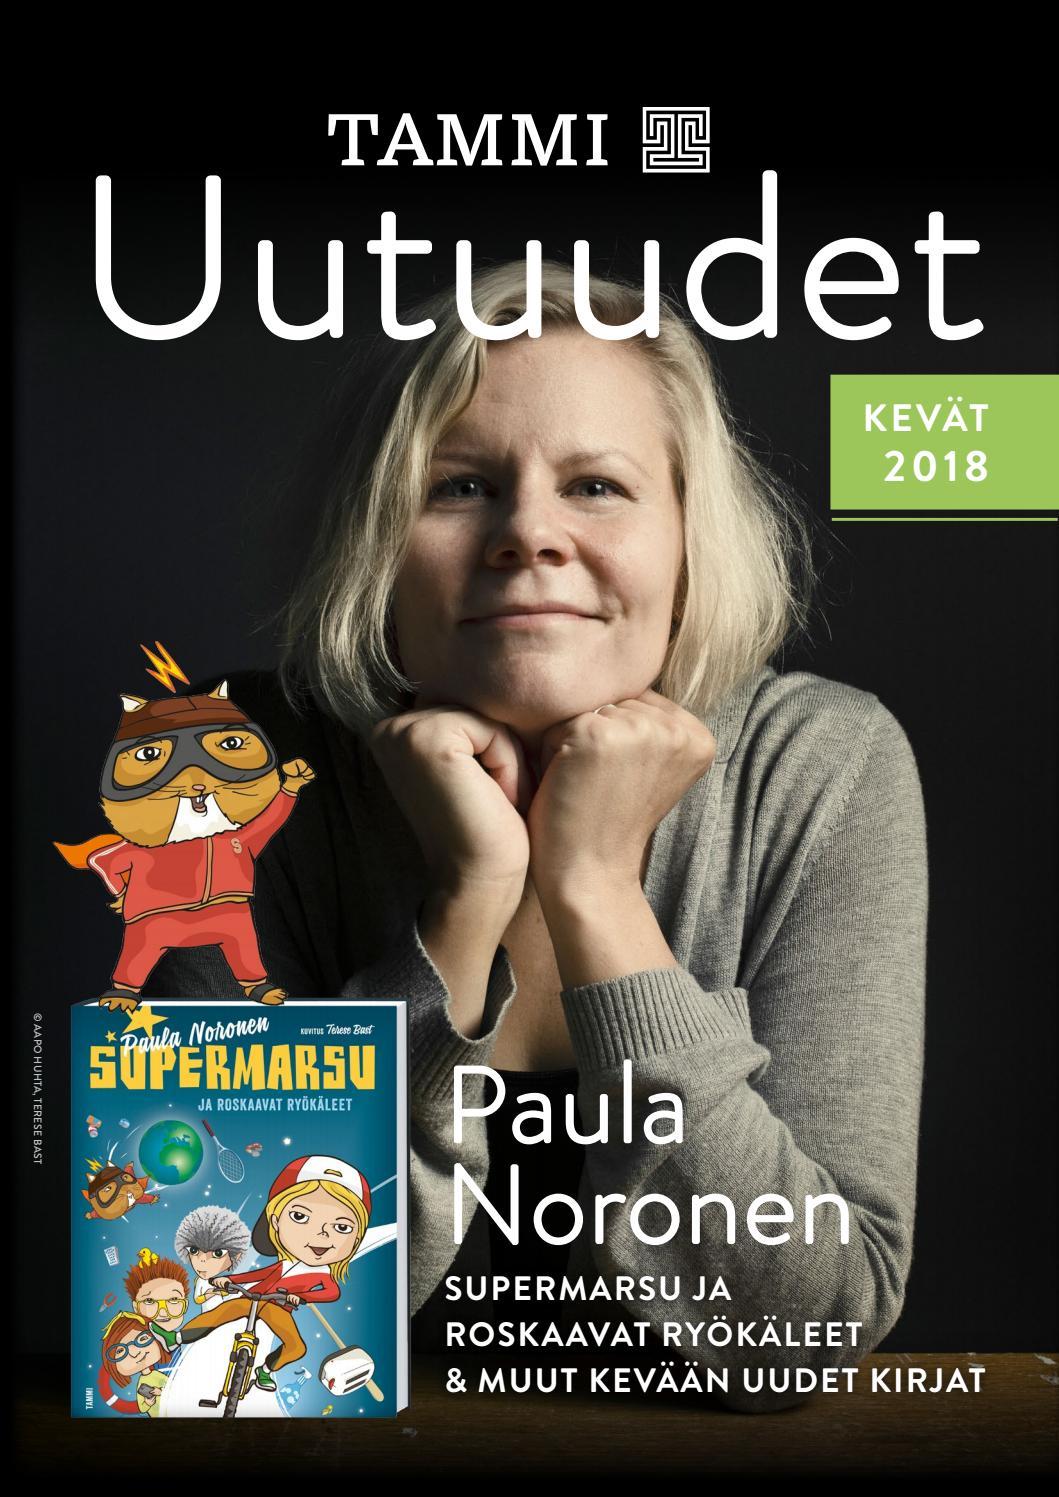 uutuuskirjat joulu 2018 Tammi kevat 2018 by #kirja   issuu uutuuskirjat joulu 2018